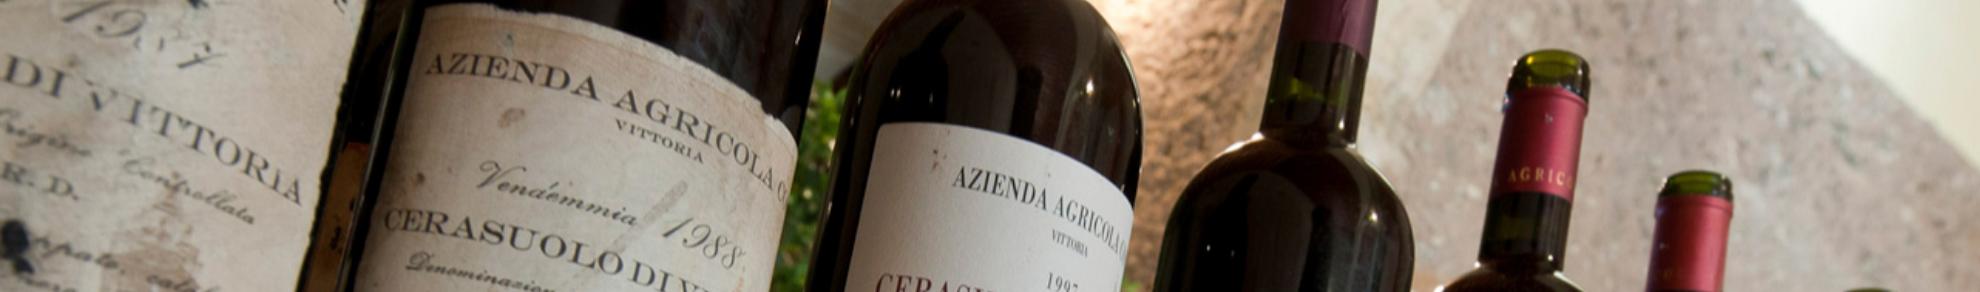 Azienda Agricola Wine